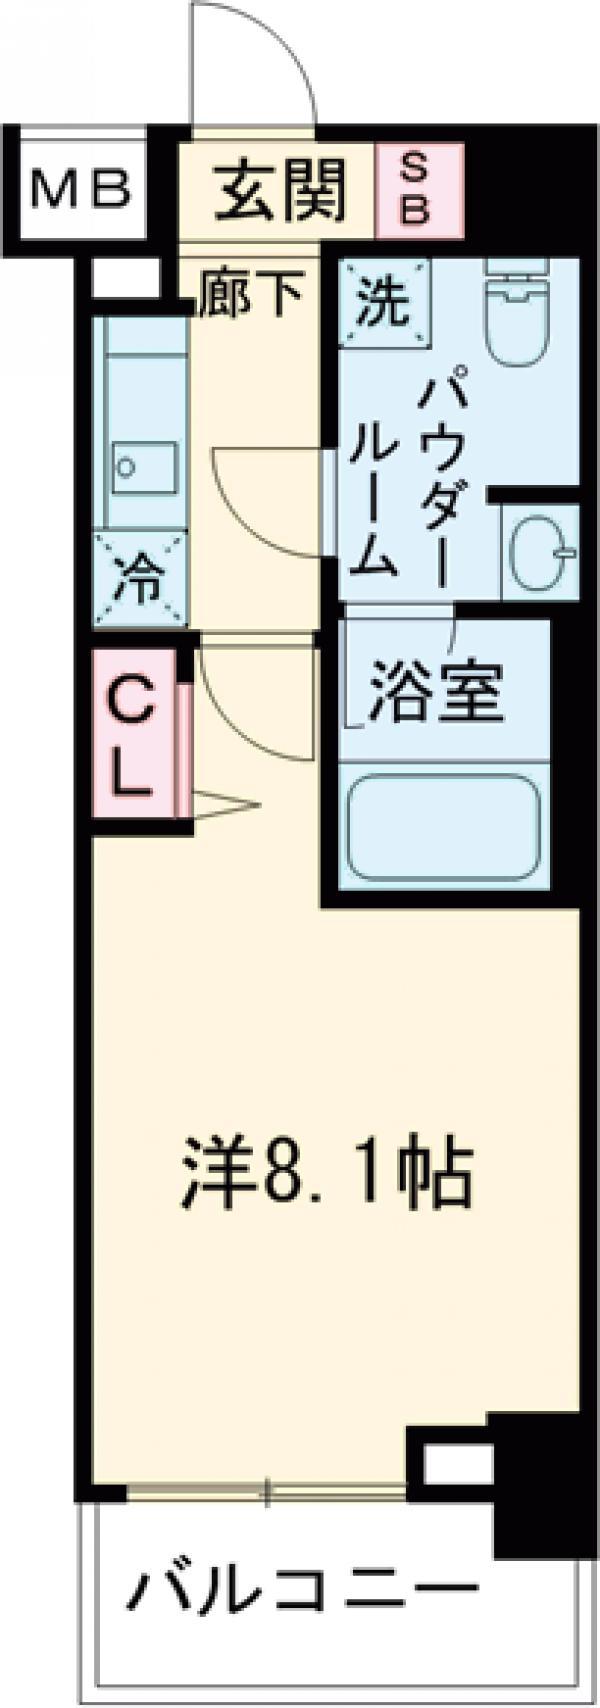 パティーナ東武練馬 102号室の間取り